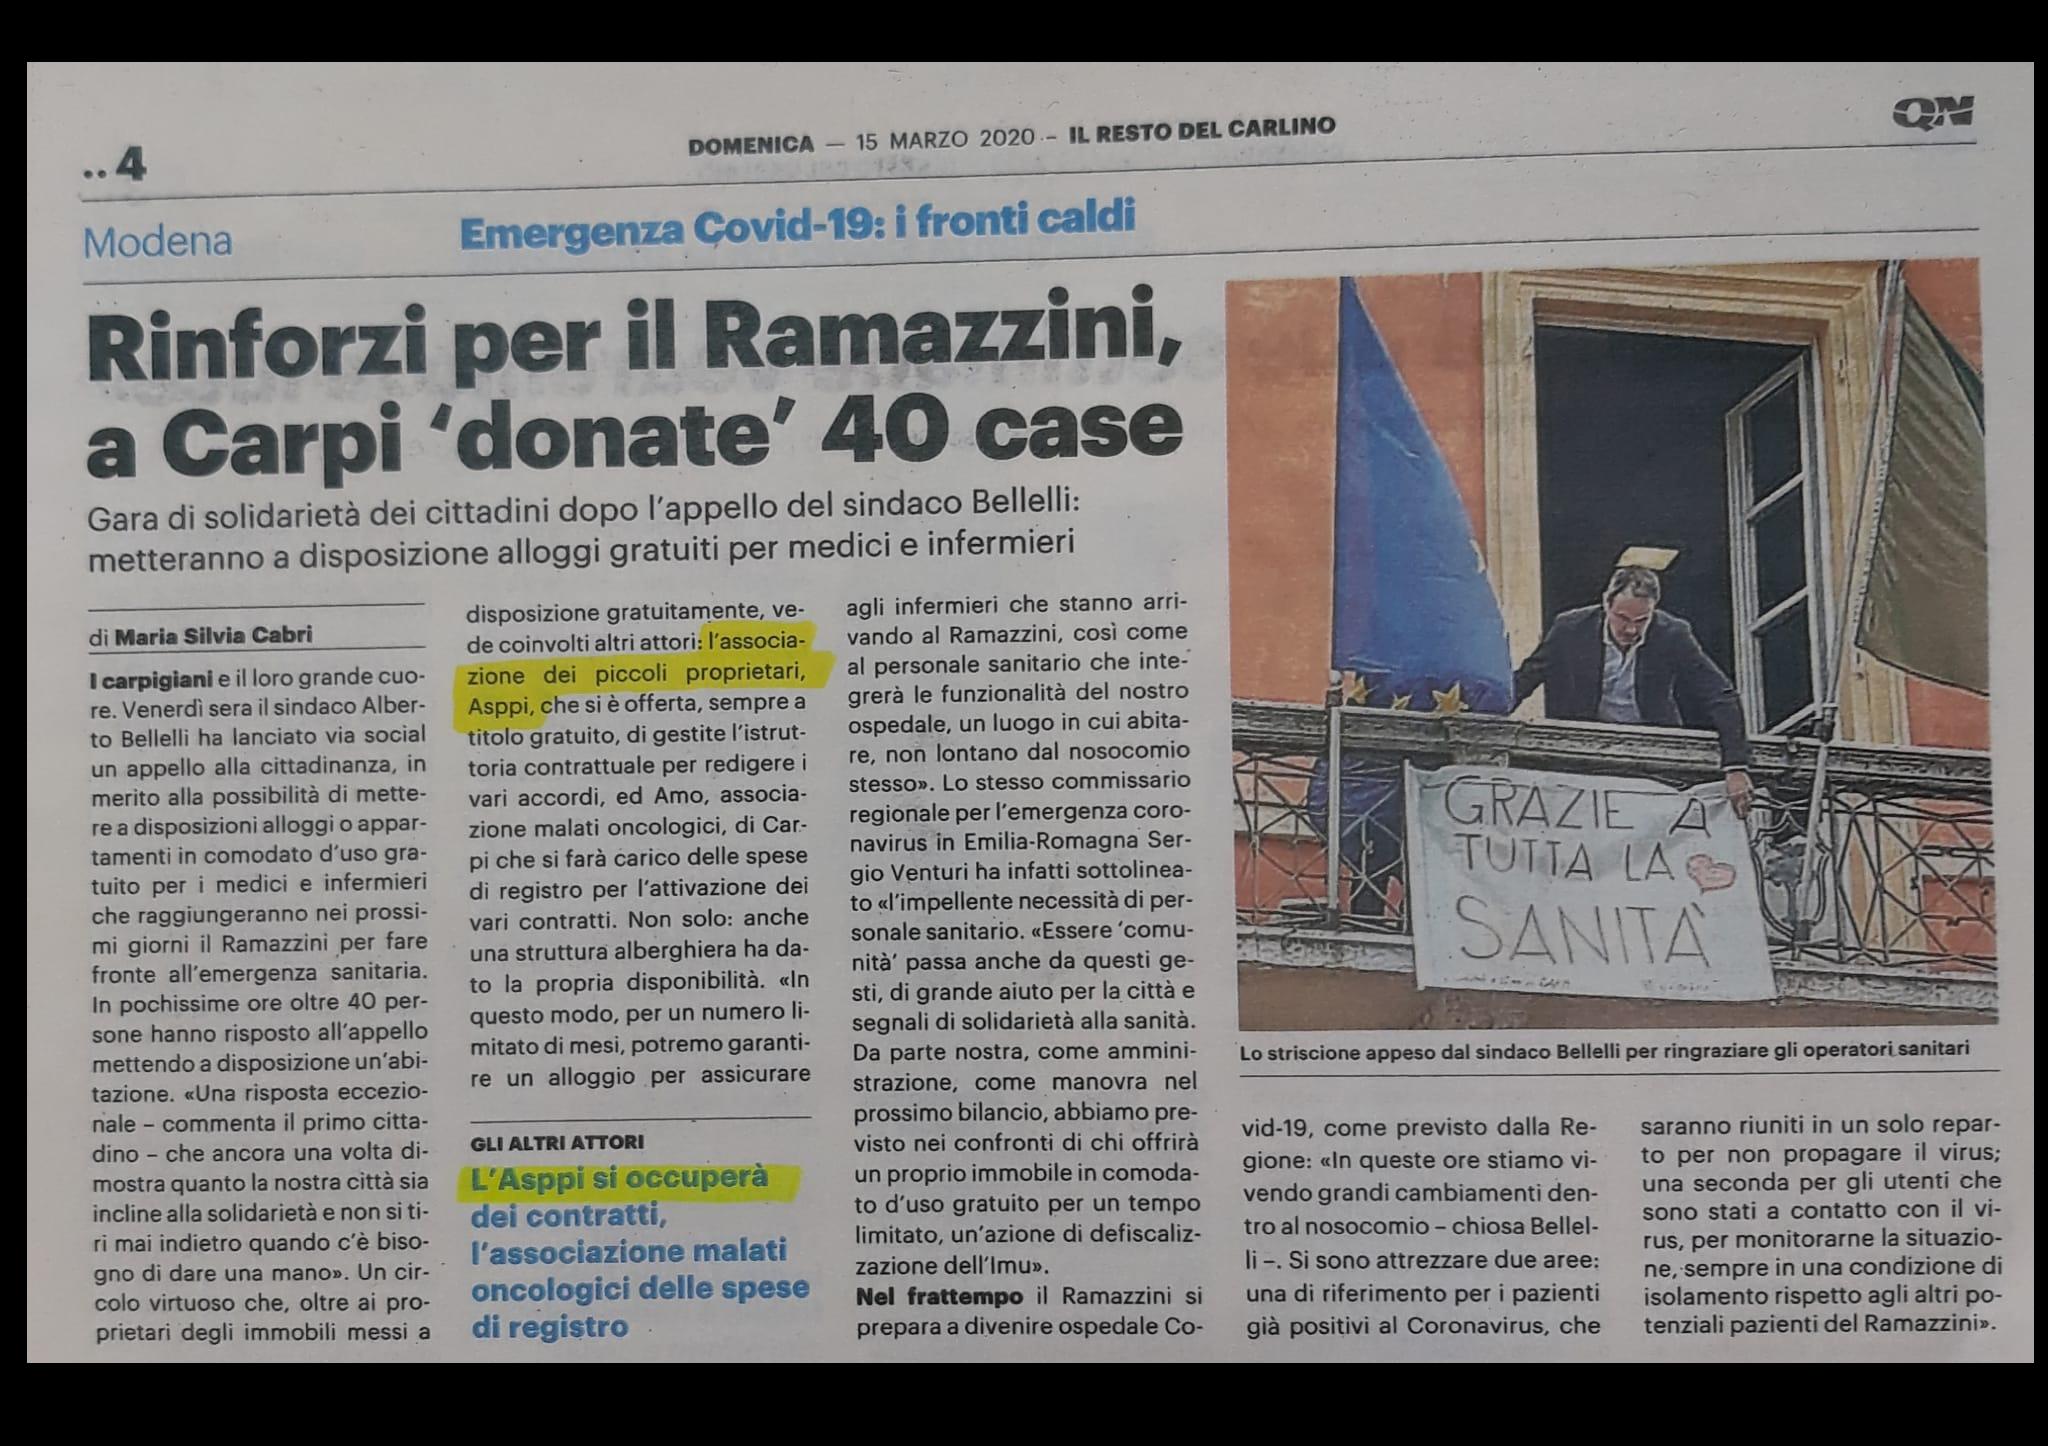 Rinforzi per il Ramazzini, a carpi 'donate' 40 case